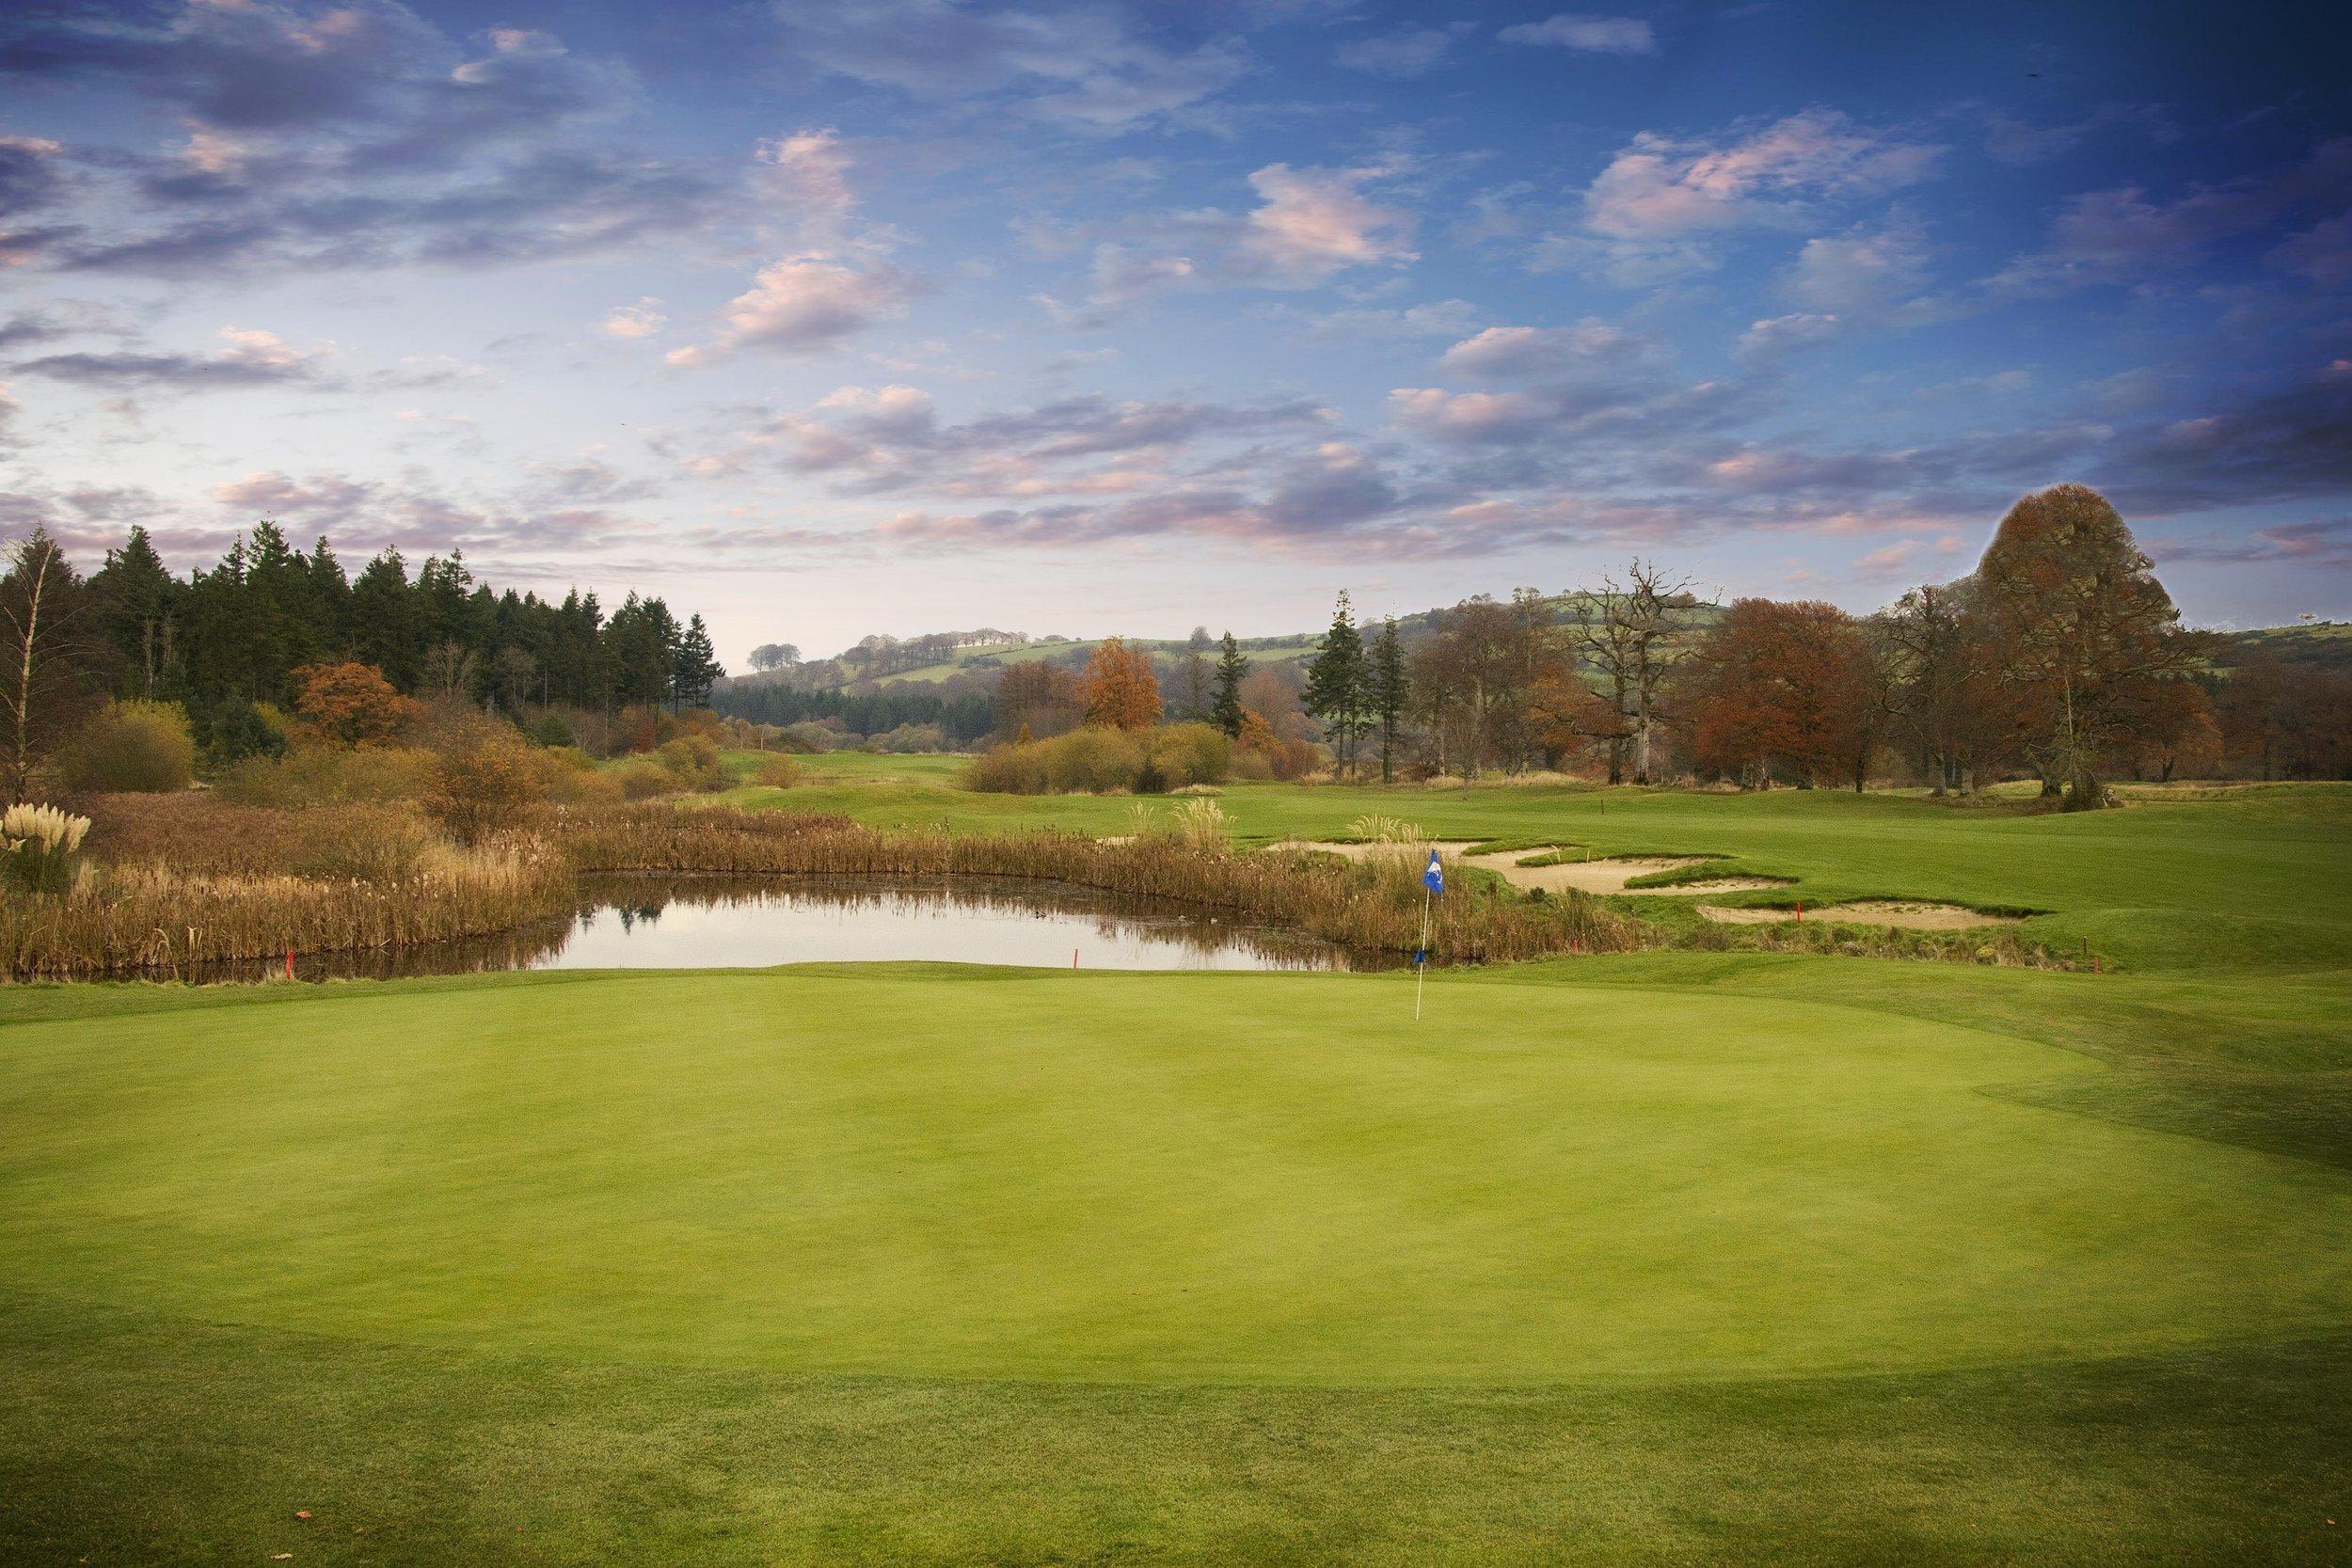 Tulfarris Golf Club 18th hole